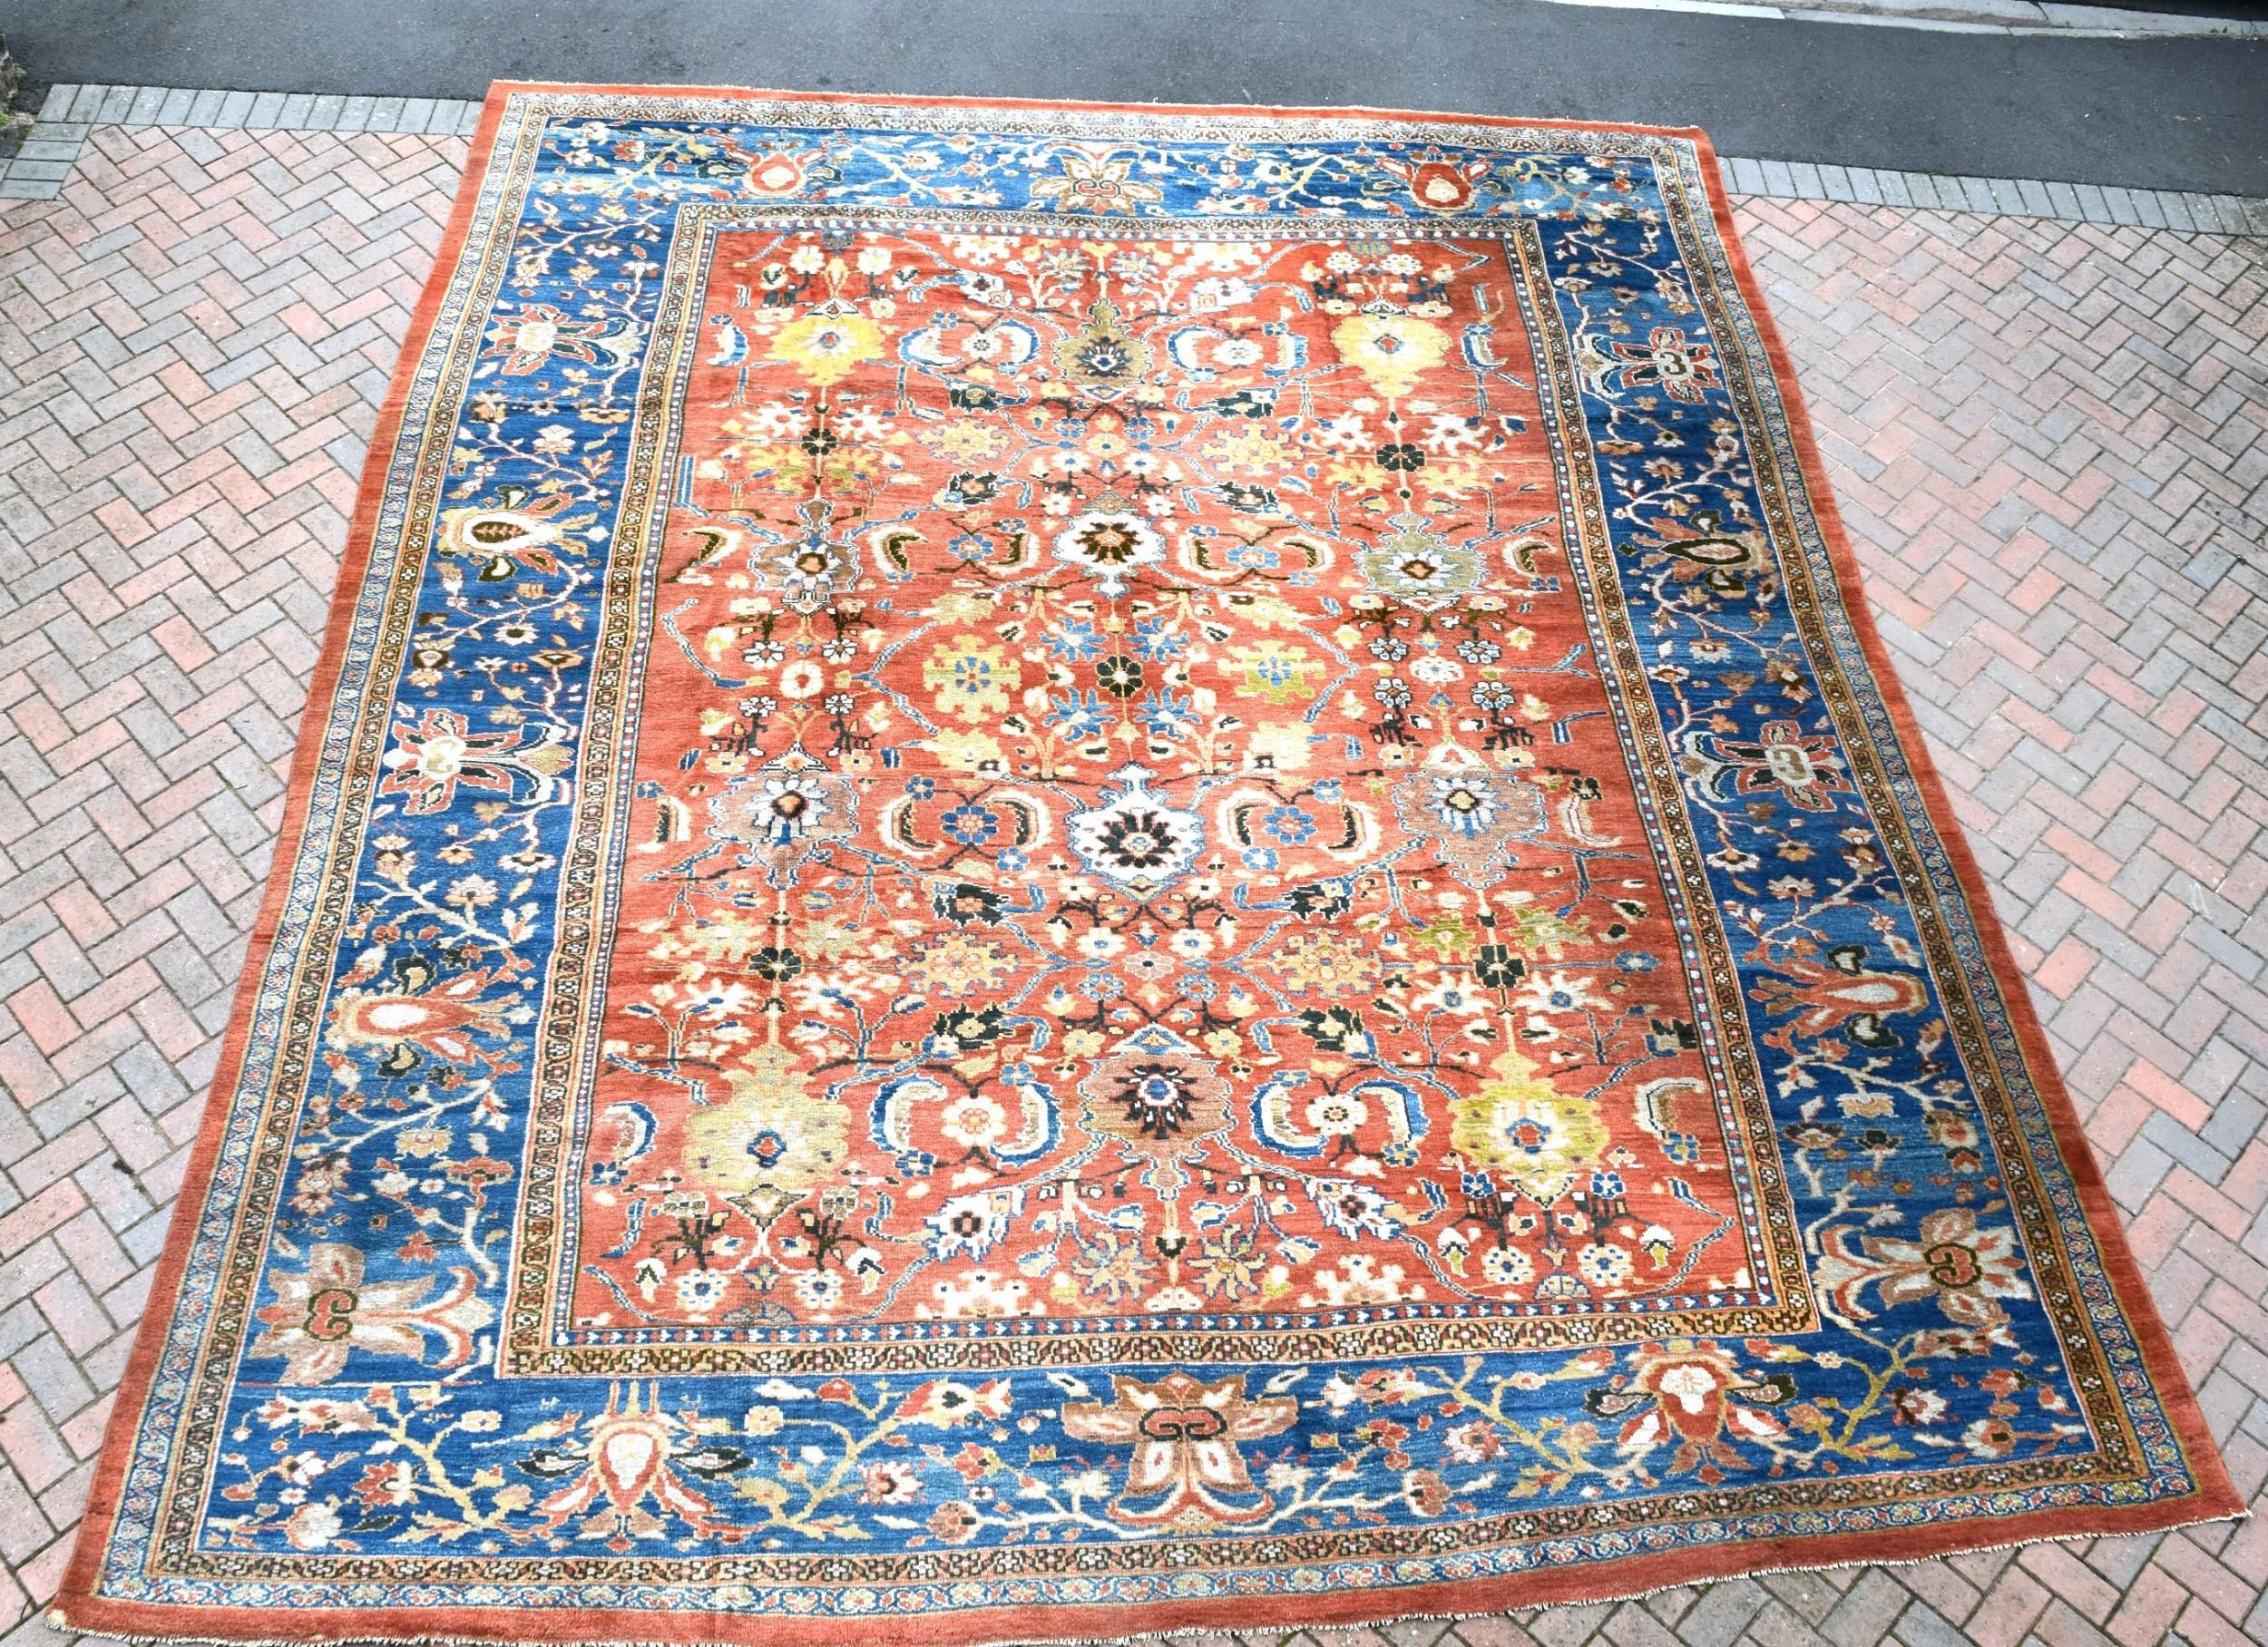 antique oversize ziegler carpet 491x408 cm